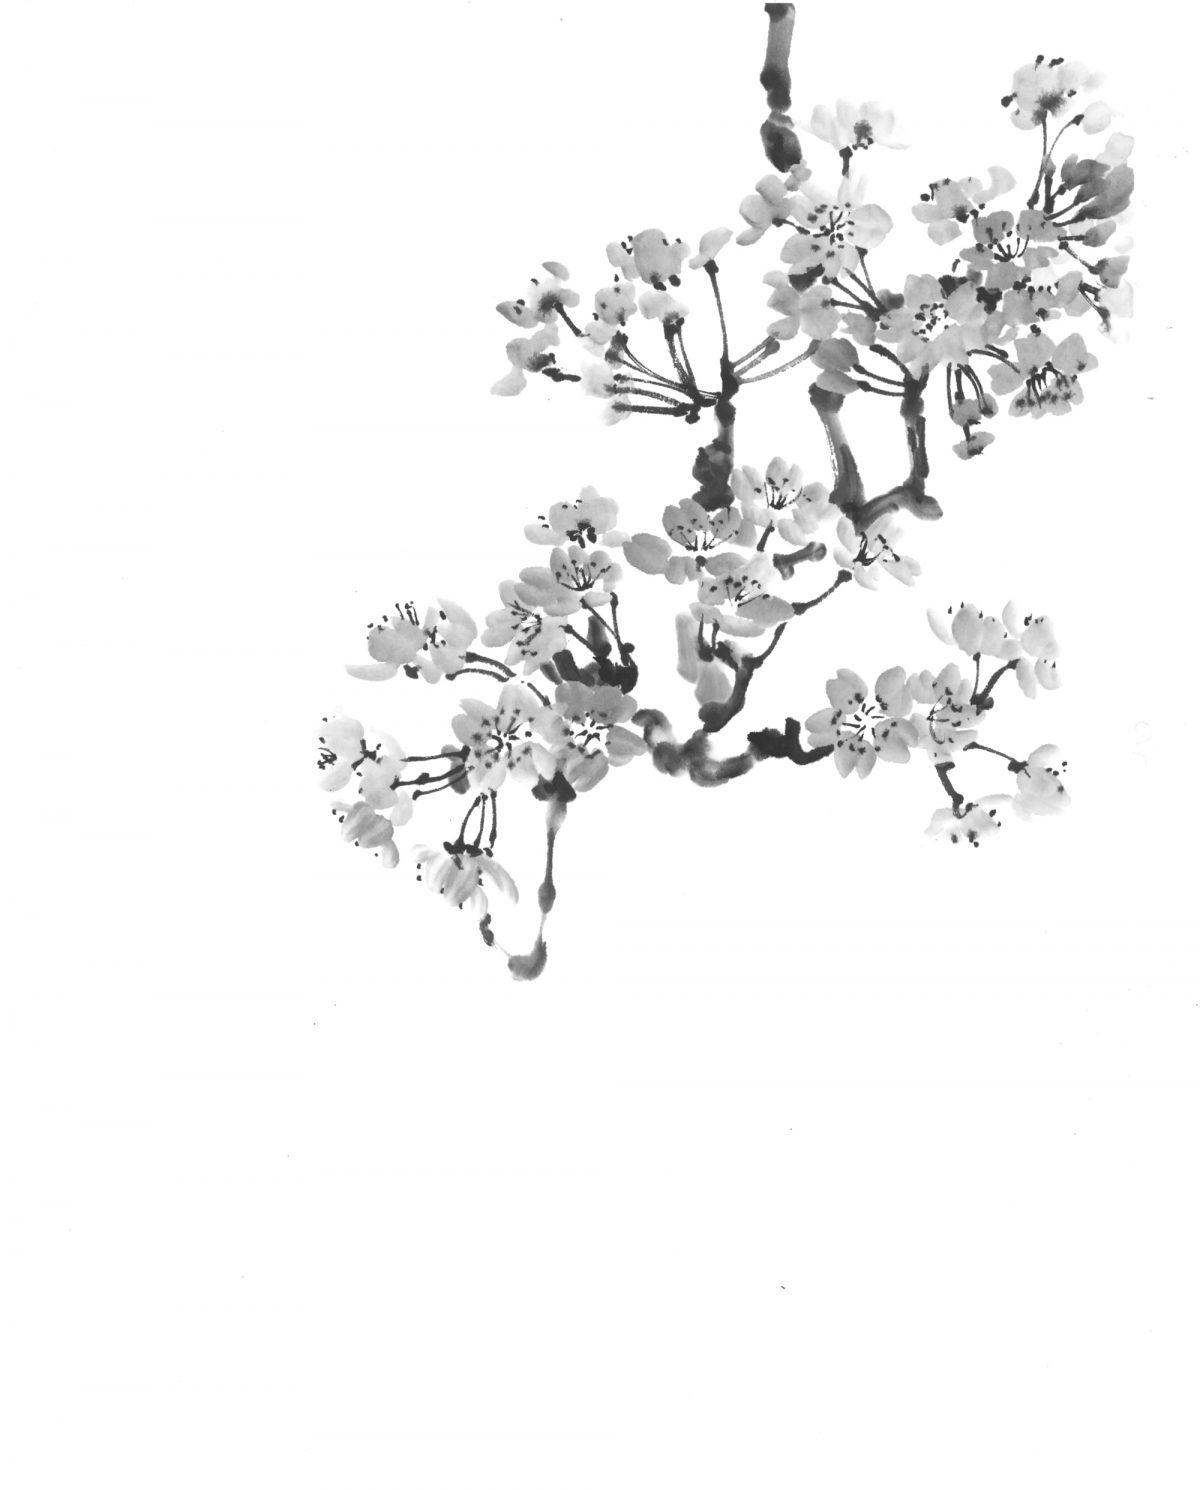 Анонс выставки японских искусств «И сакура в цвету!»